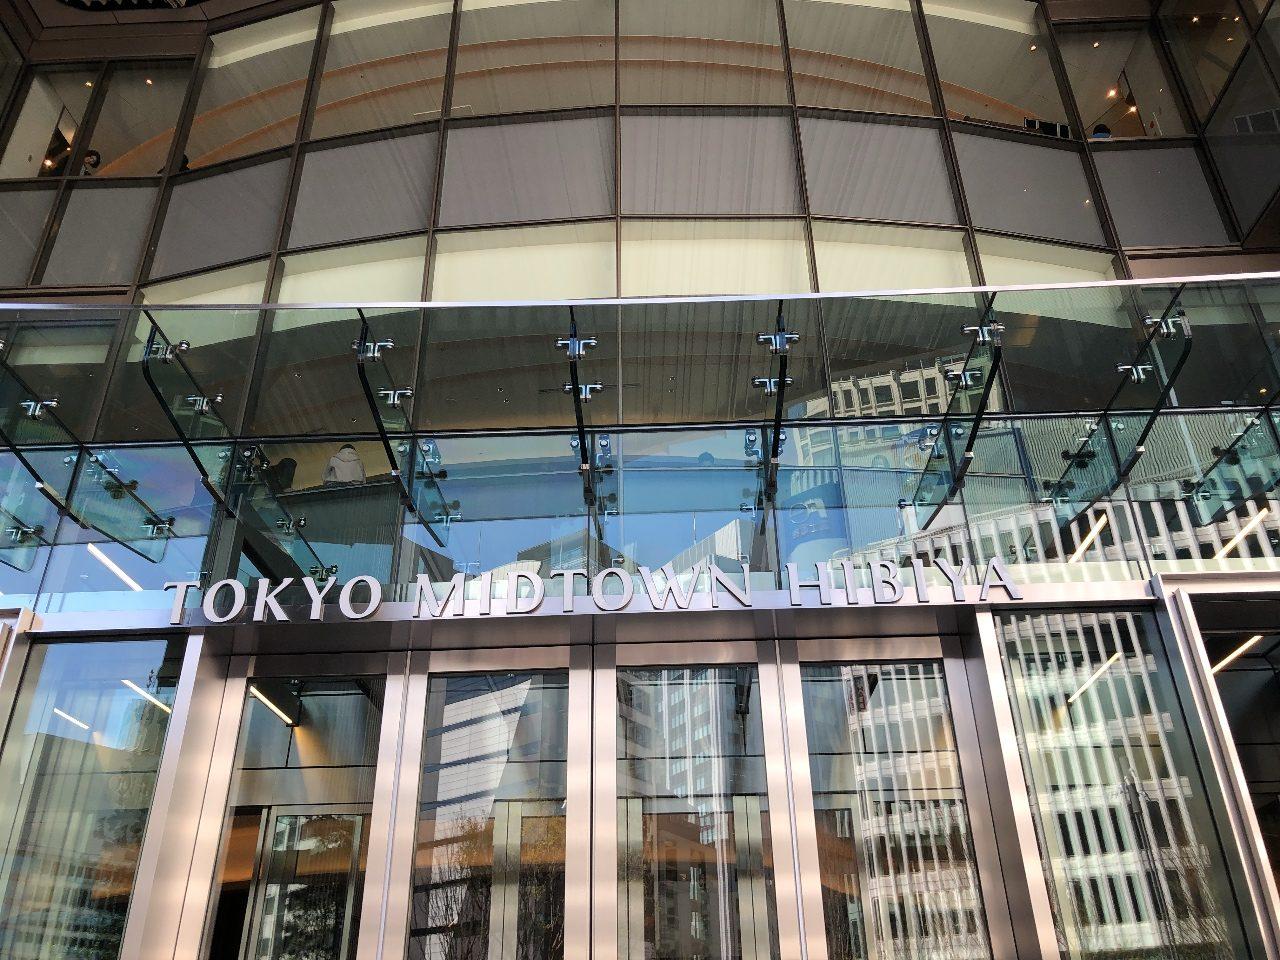 東京ミッドタウン日比谷の見どころ3ケ所 「レクサス」「TOHOシネマズ日比谷」「パークビューガーデン」